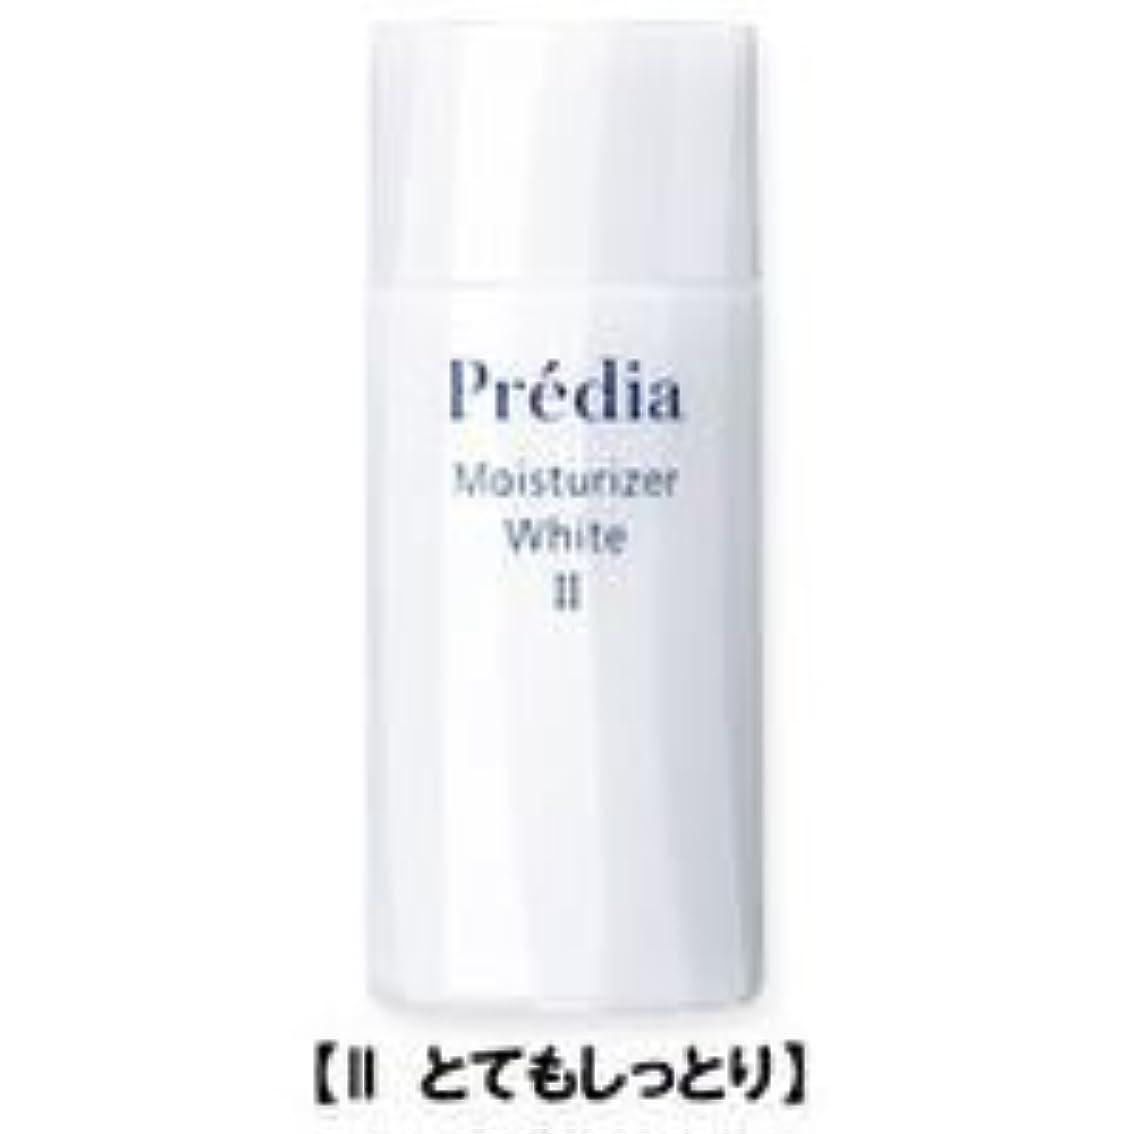 有限省略する学習コーセー プレディア モイスチュアライザー ホワイト II とてもしっとり 120ml 乳液